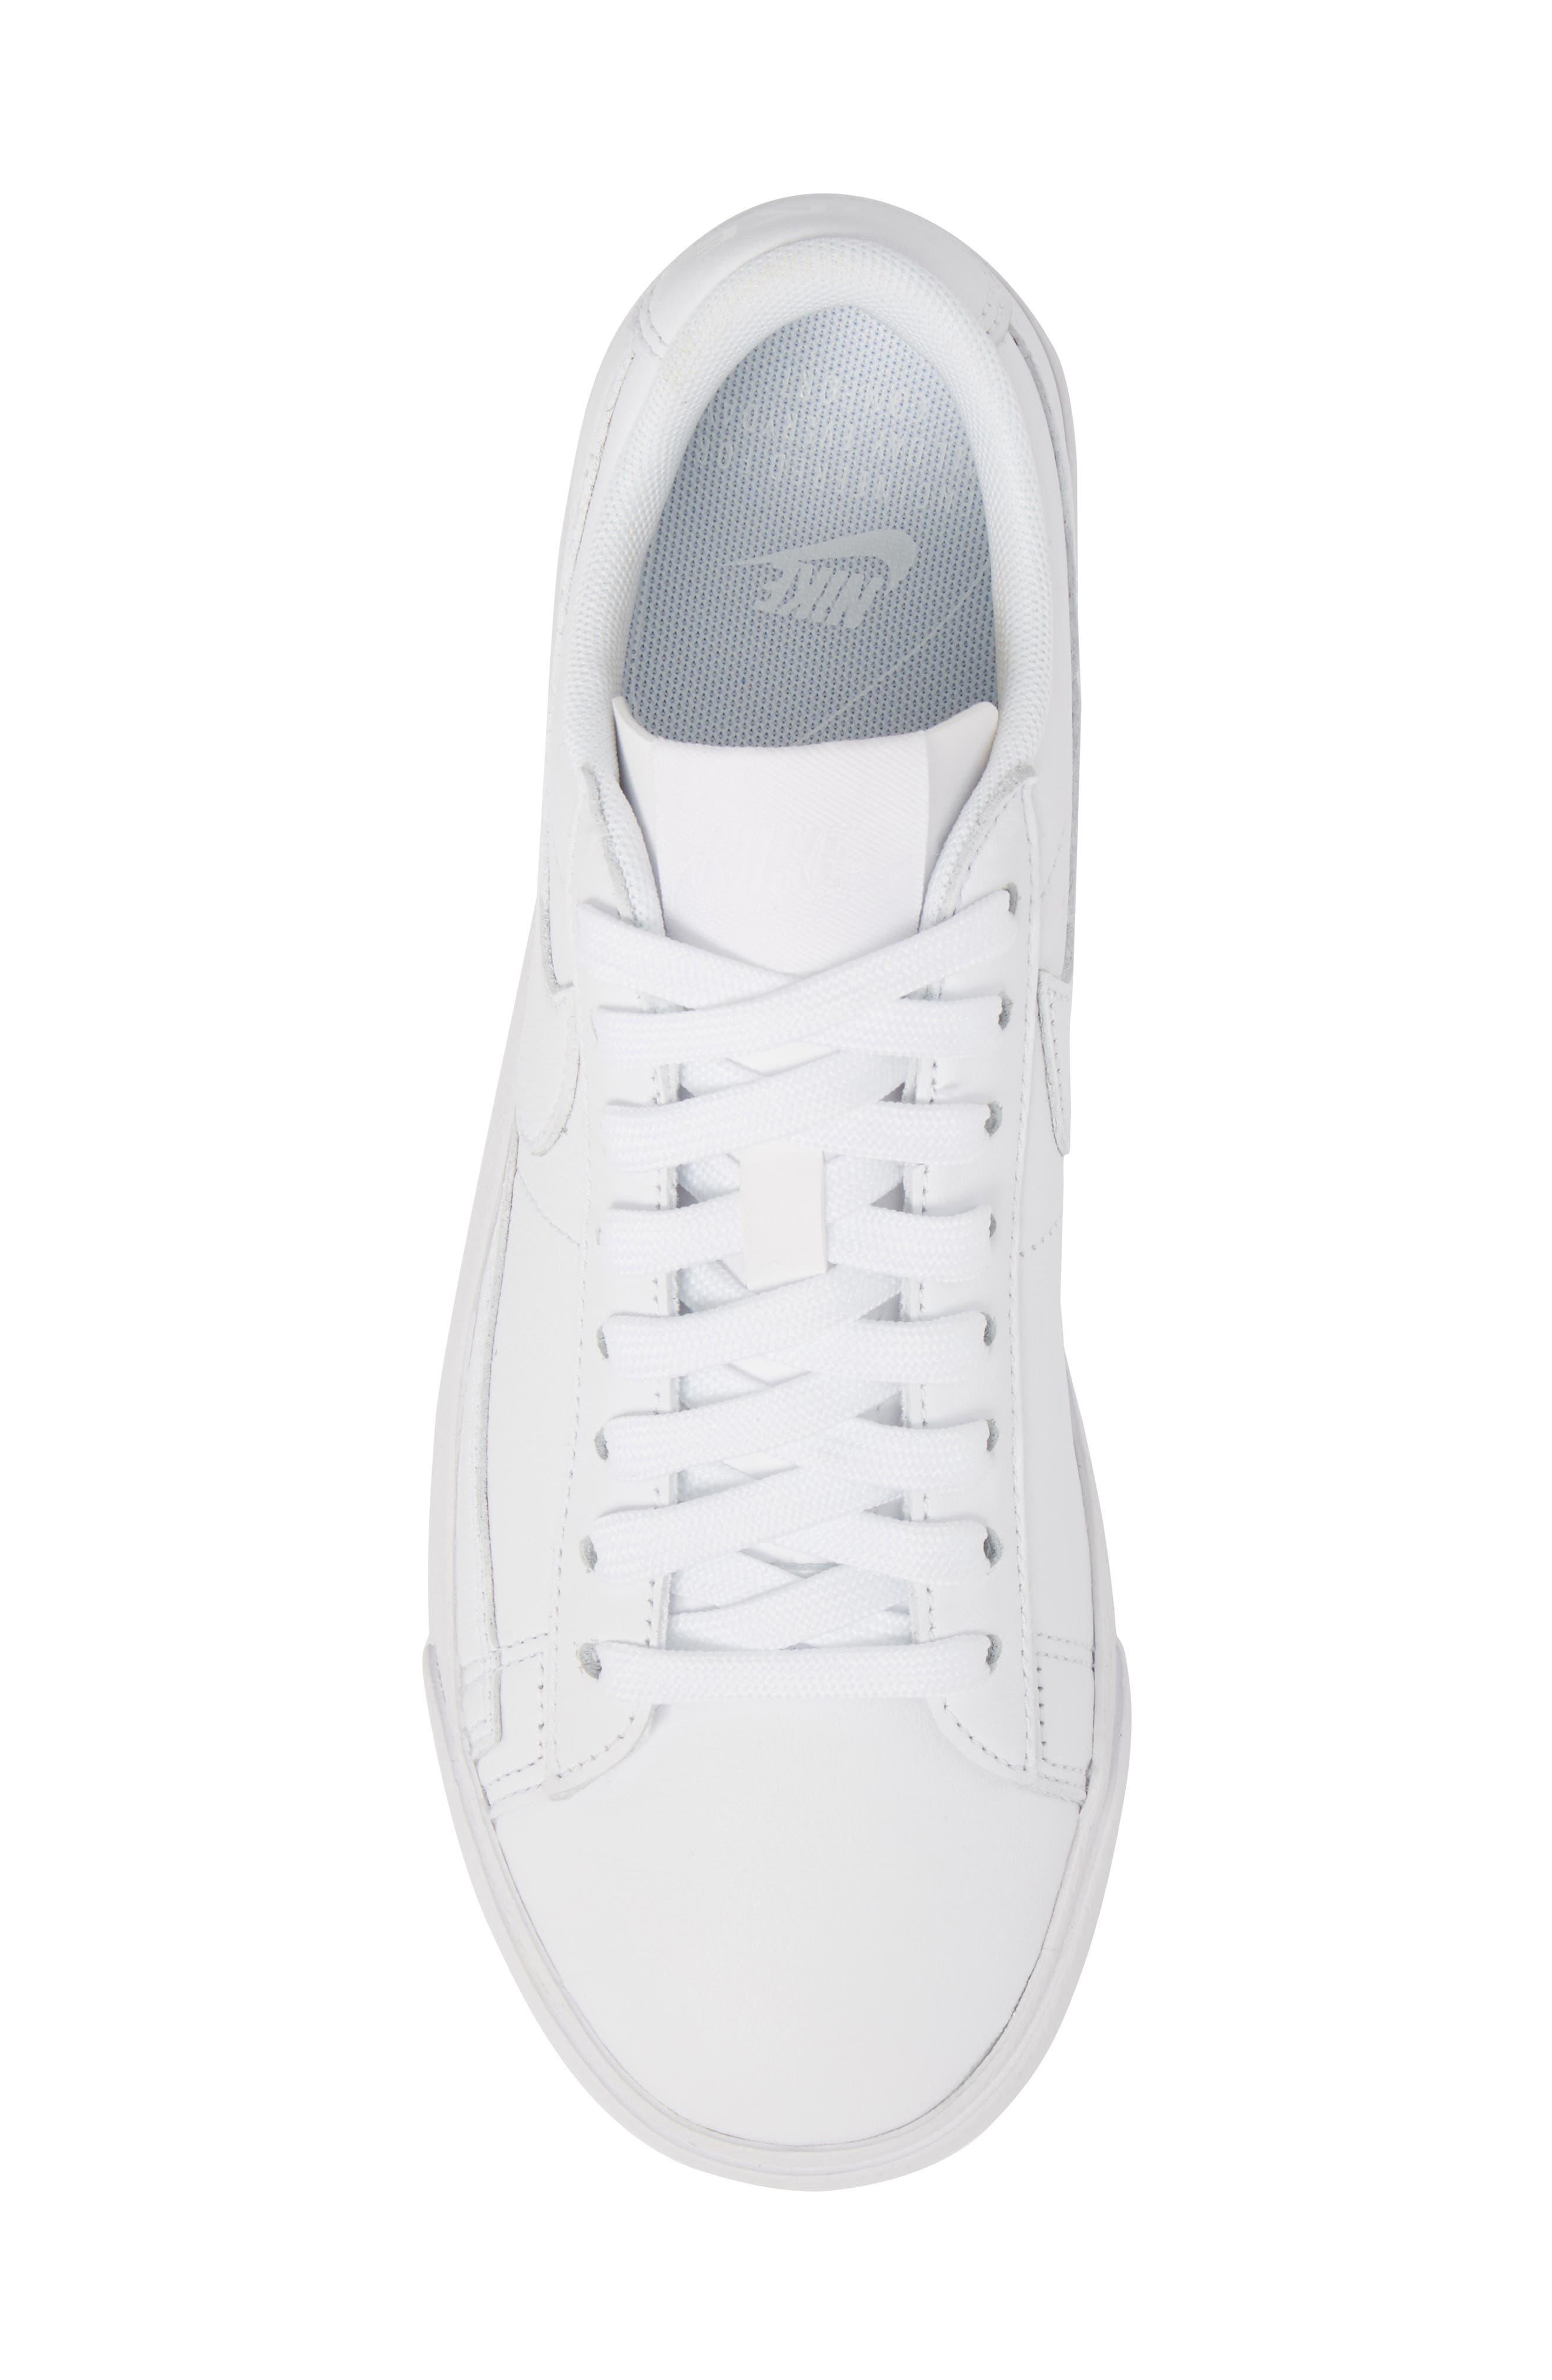 Blazer Low LE Sneaker,                             Alternate thumbnail 5, color,                             WHITE/ WHITE-WHITE